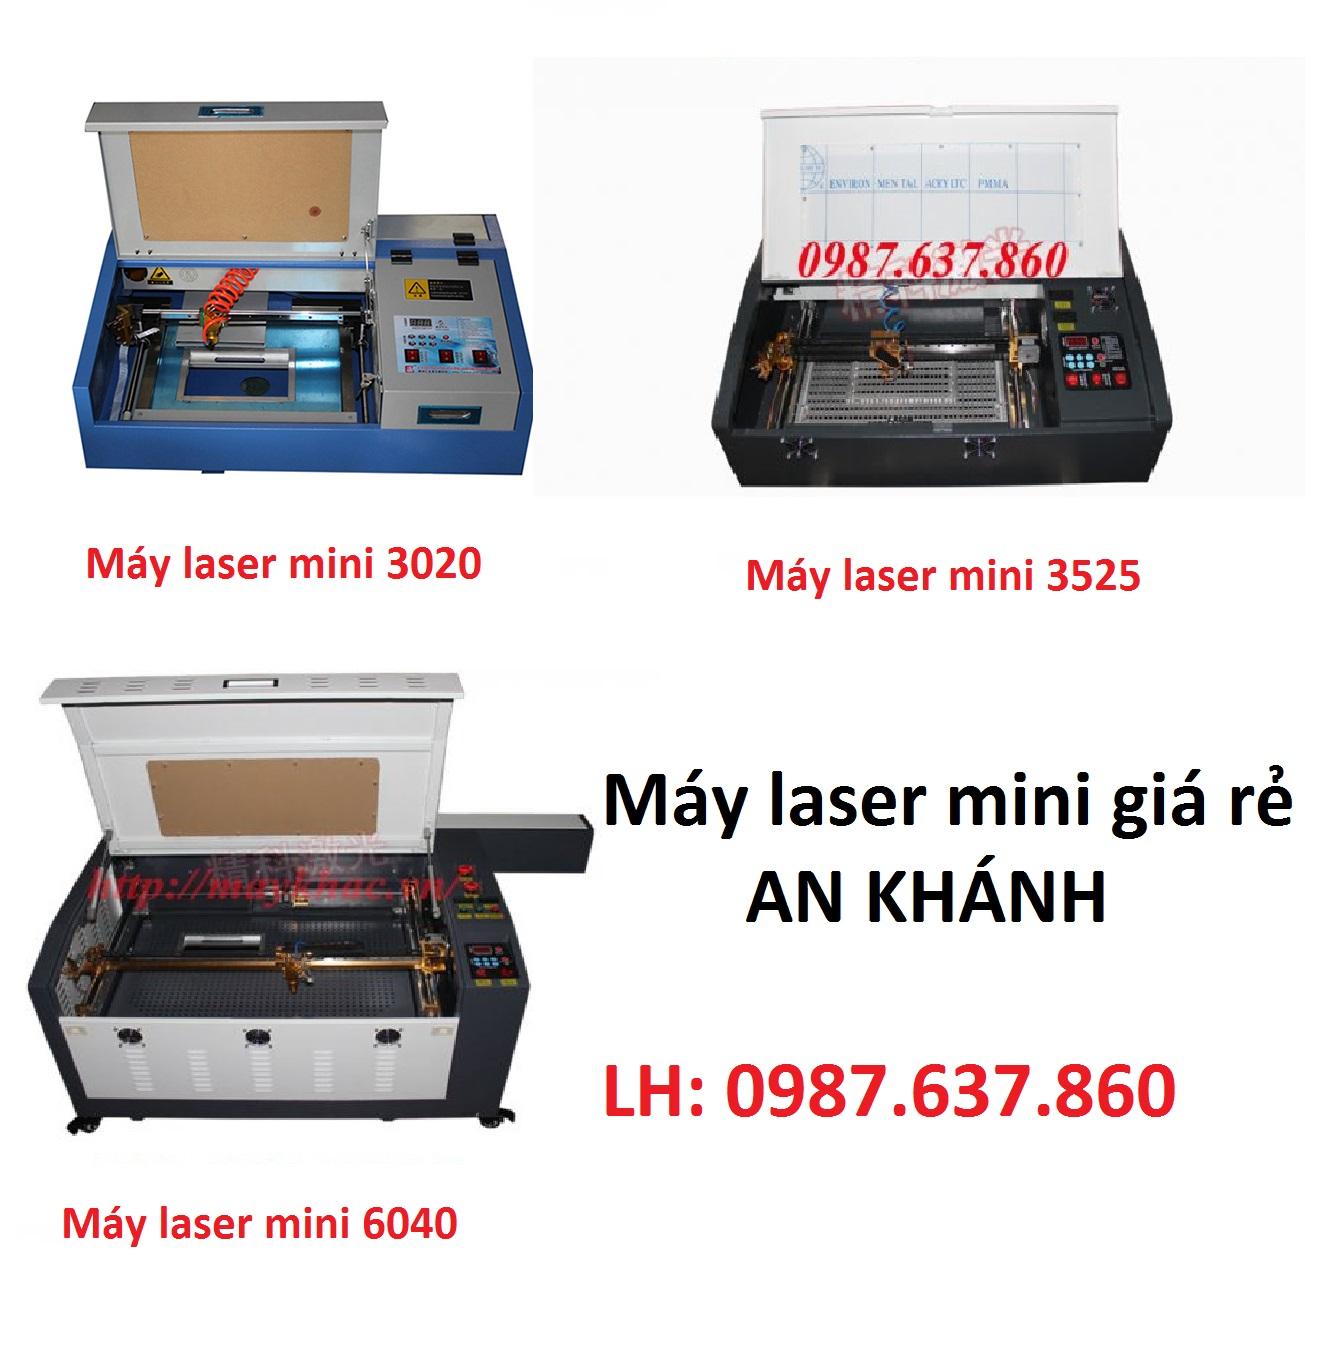 Cân nhắc khi mua máy khắc laser mini giá rẻ